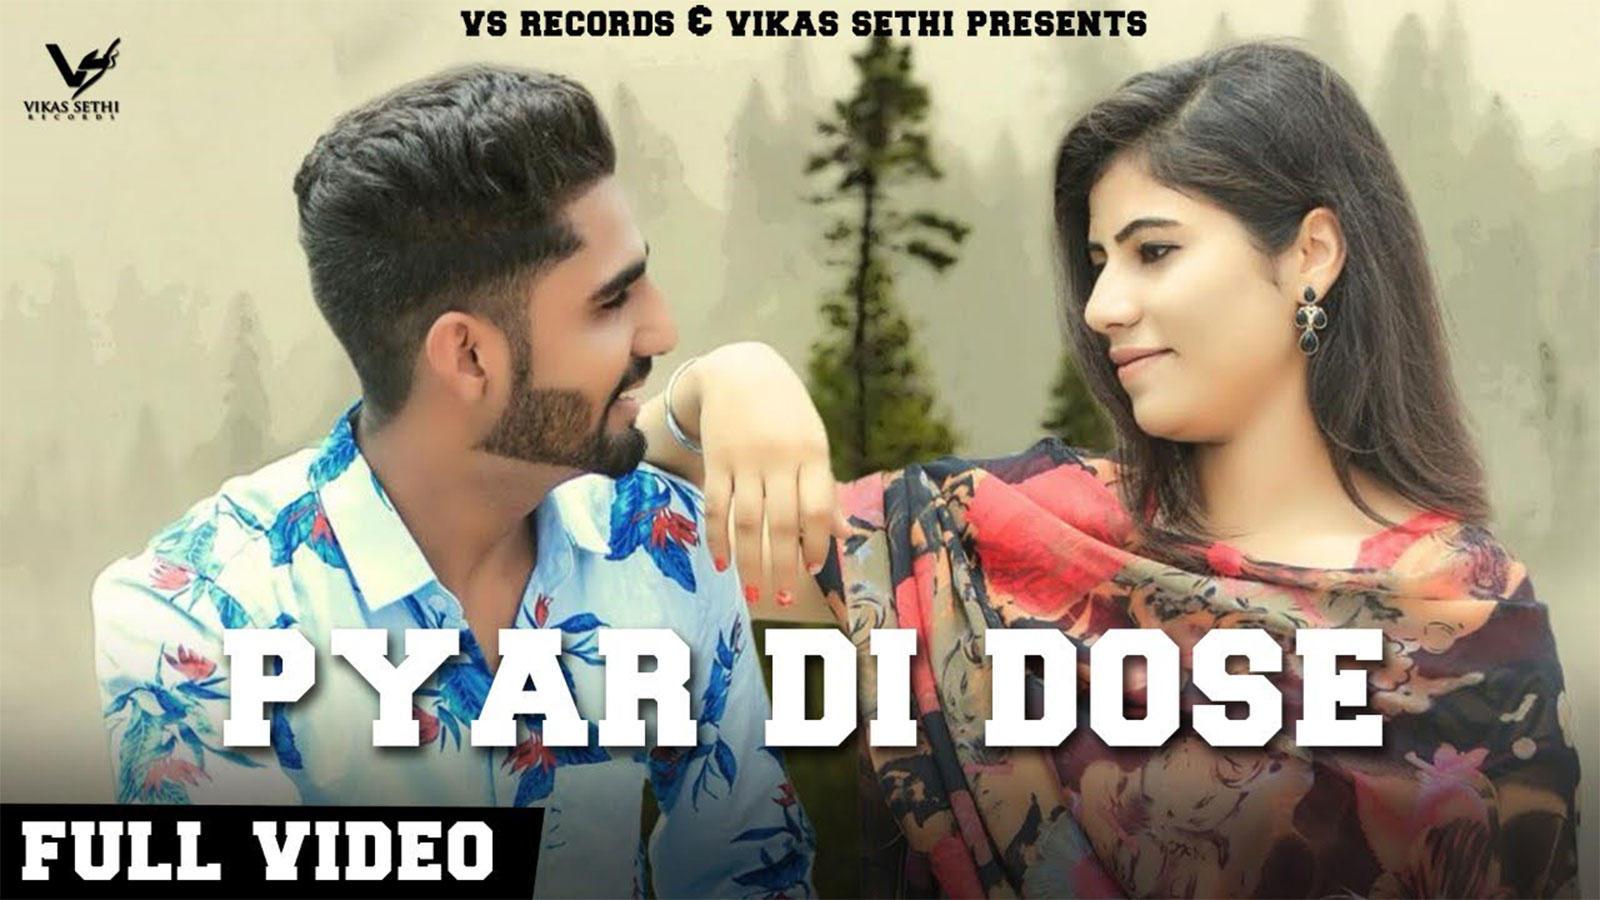 Latest Punjabi Song 'Pyar Di Dose' Sung By Gaggi Bhamma